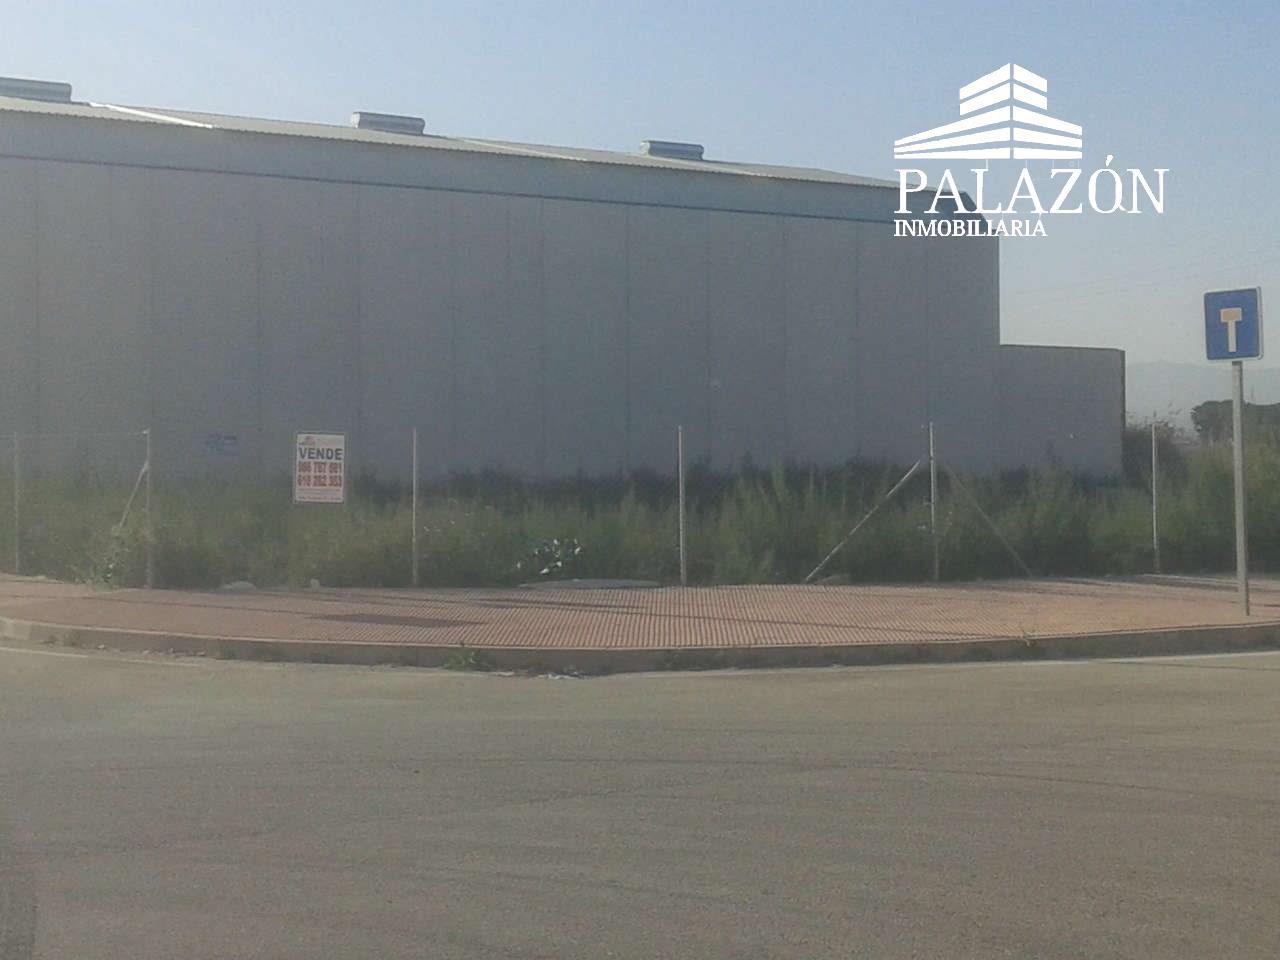 Solar urbano  Polígono industrial san roque callosa de segura. Parcela industrial en venta en callosa de segura y urbanizado.